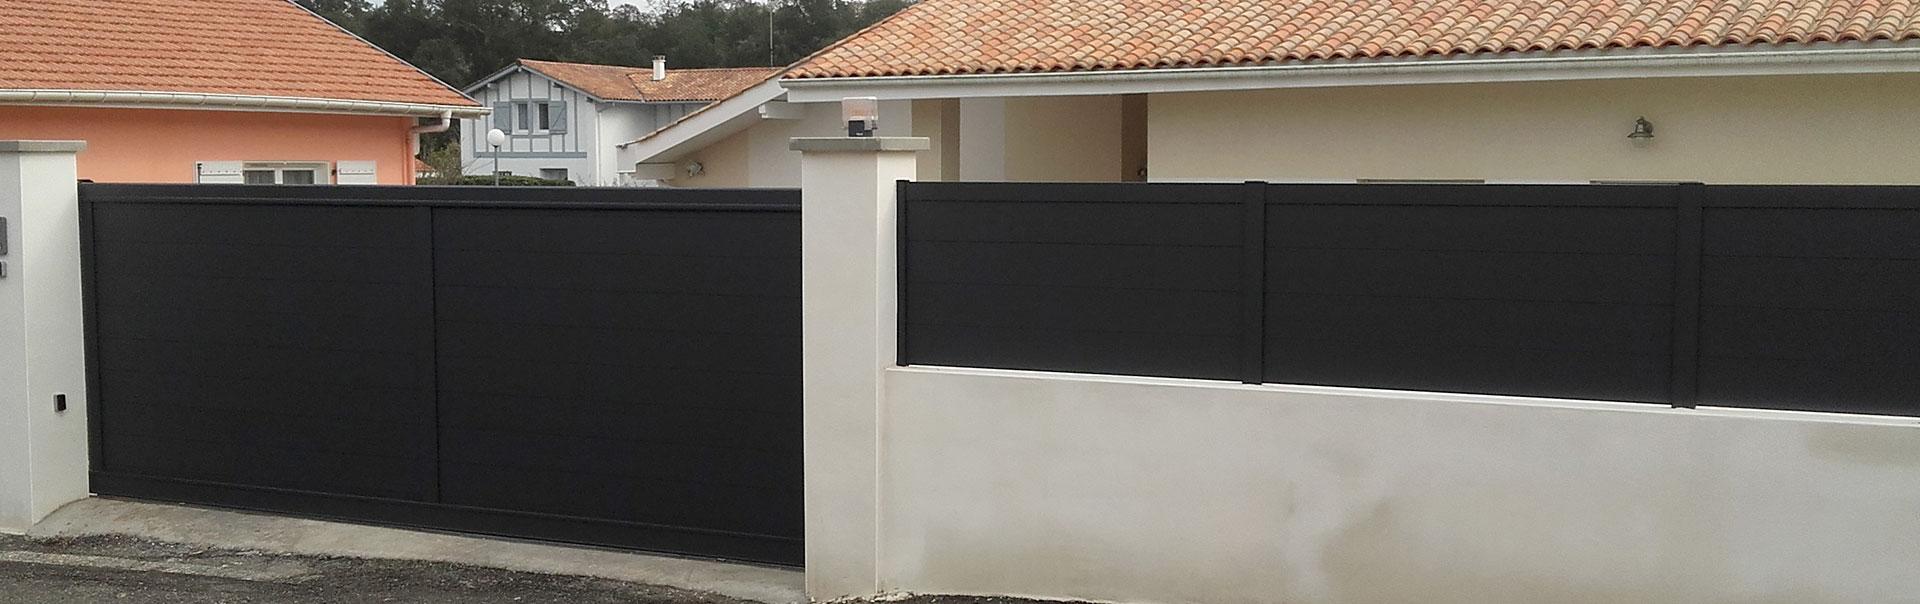 cloture aluminium pleine slider ez fermetures. Black Bedroom Furniture Sets. Home Design Ideas